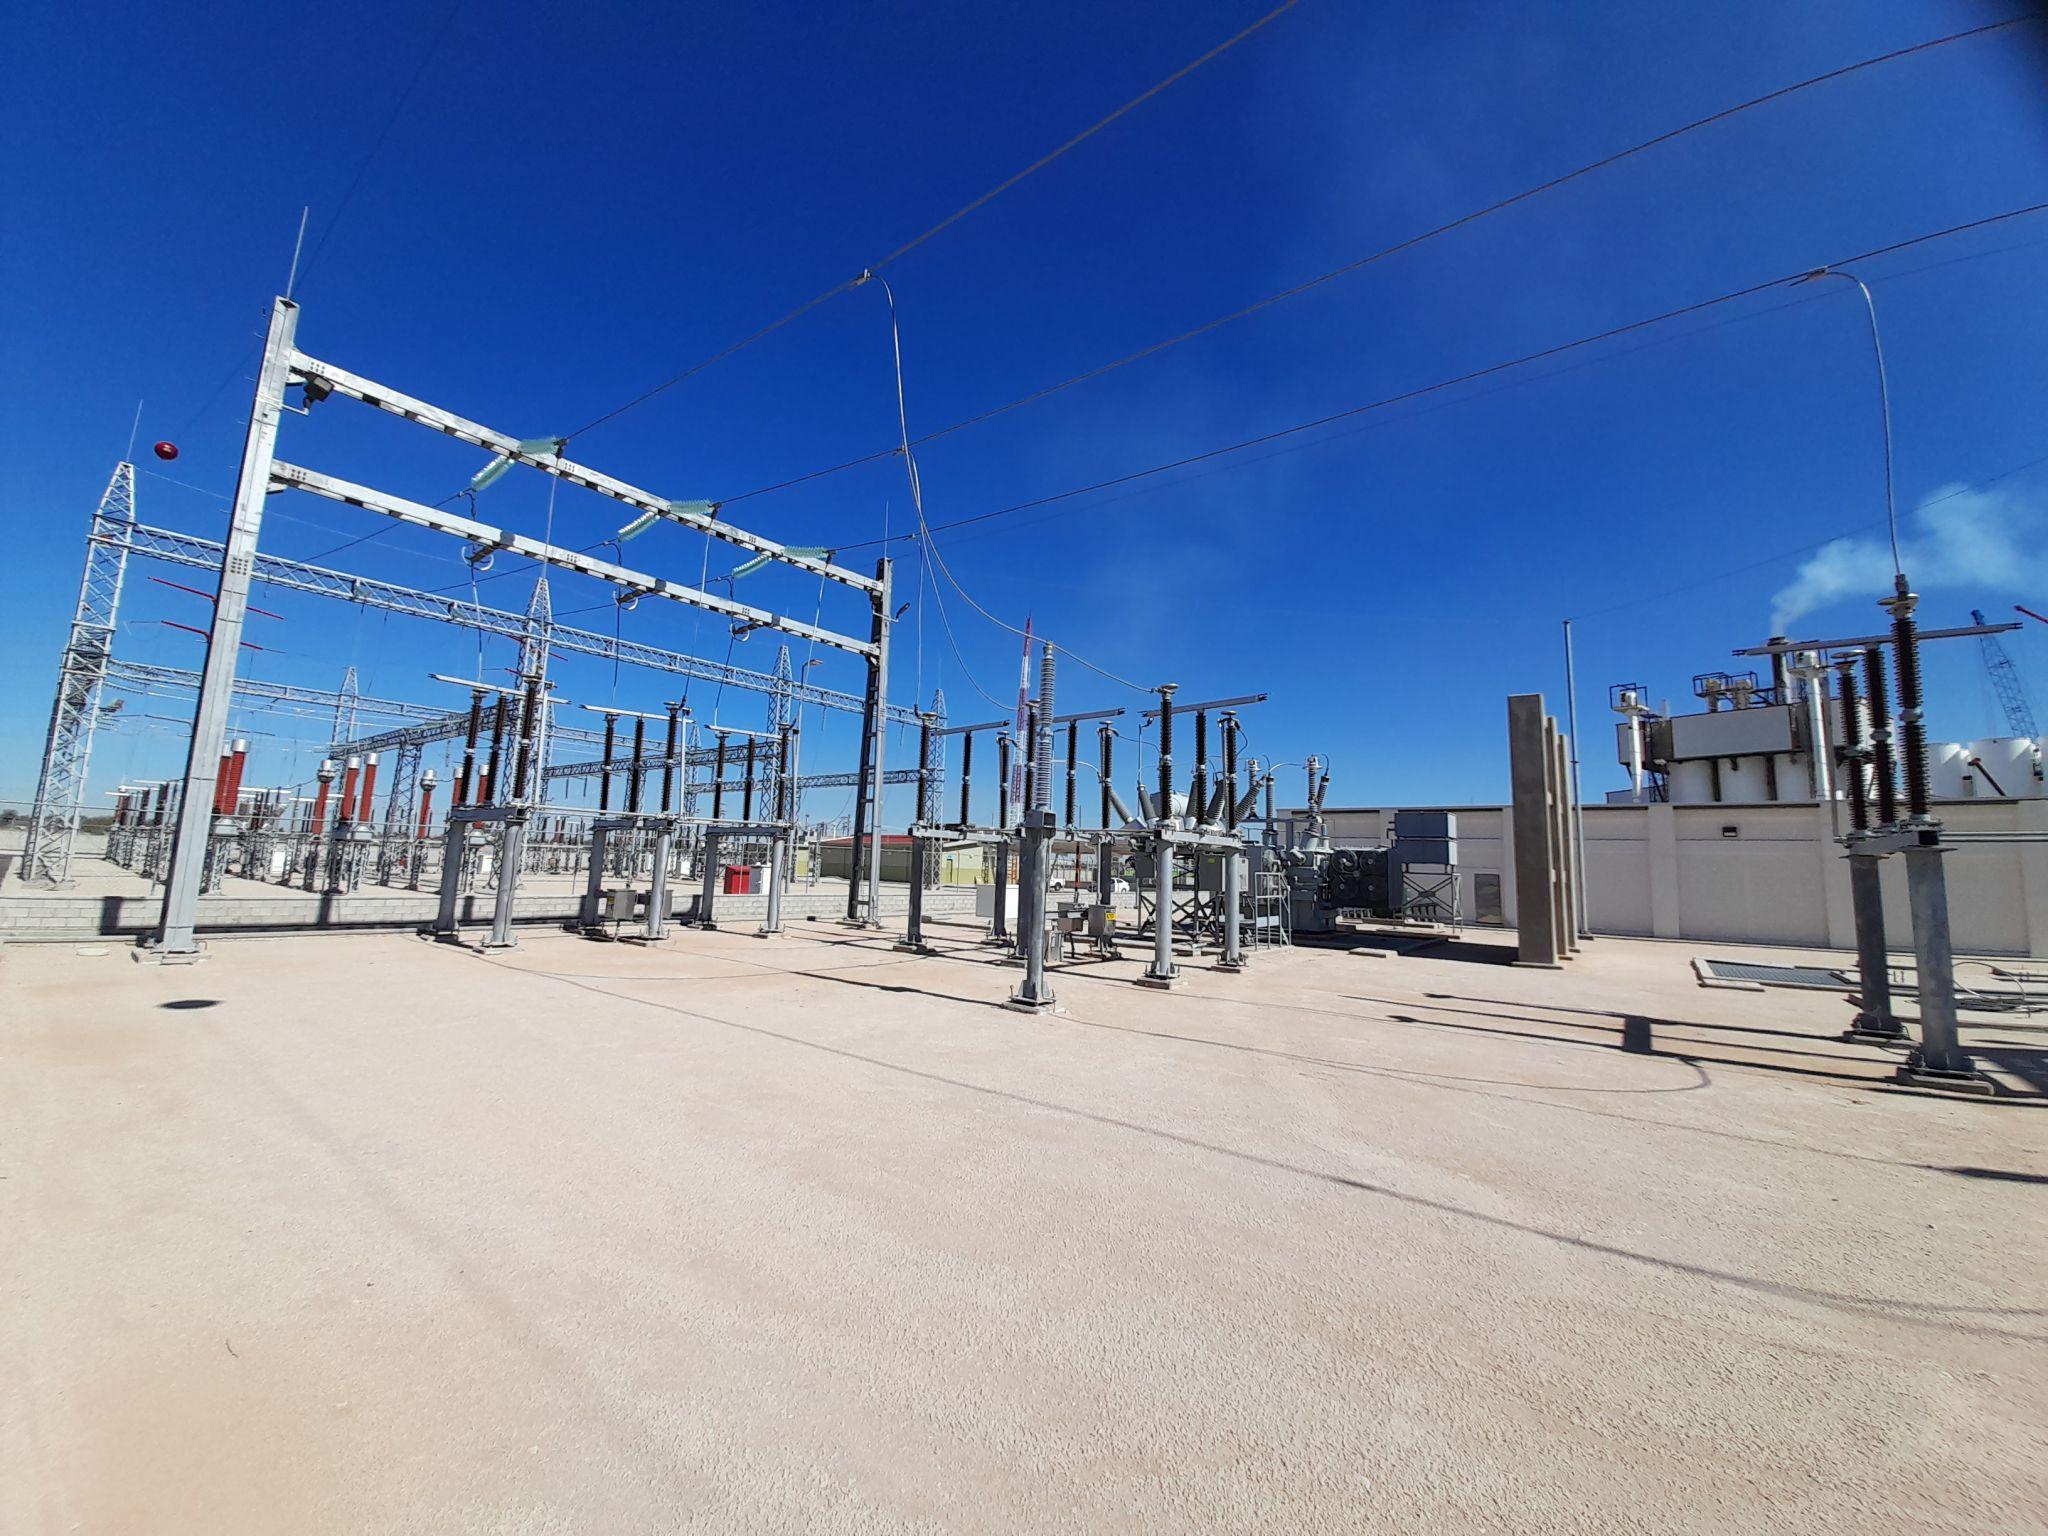 En #ESCO apoyamos a una #empresa de fabricación de botellas de vidrio, en el proceso para llevar a cabo la #conexión del centro de carga y una subestación de maniobras en el voltaje de 161 kV, iniciando operaciones en el #MEM este año.